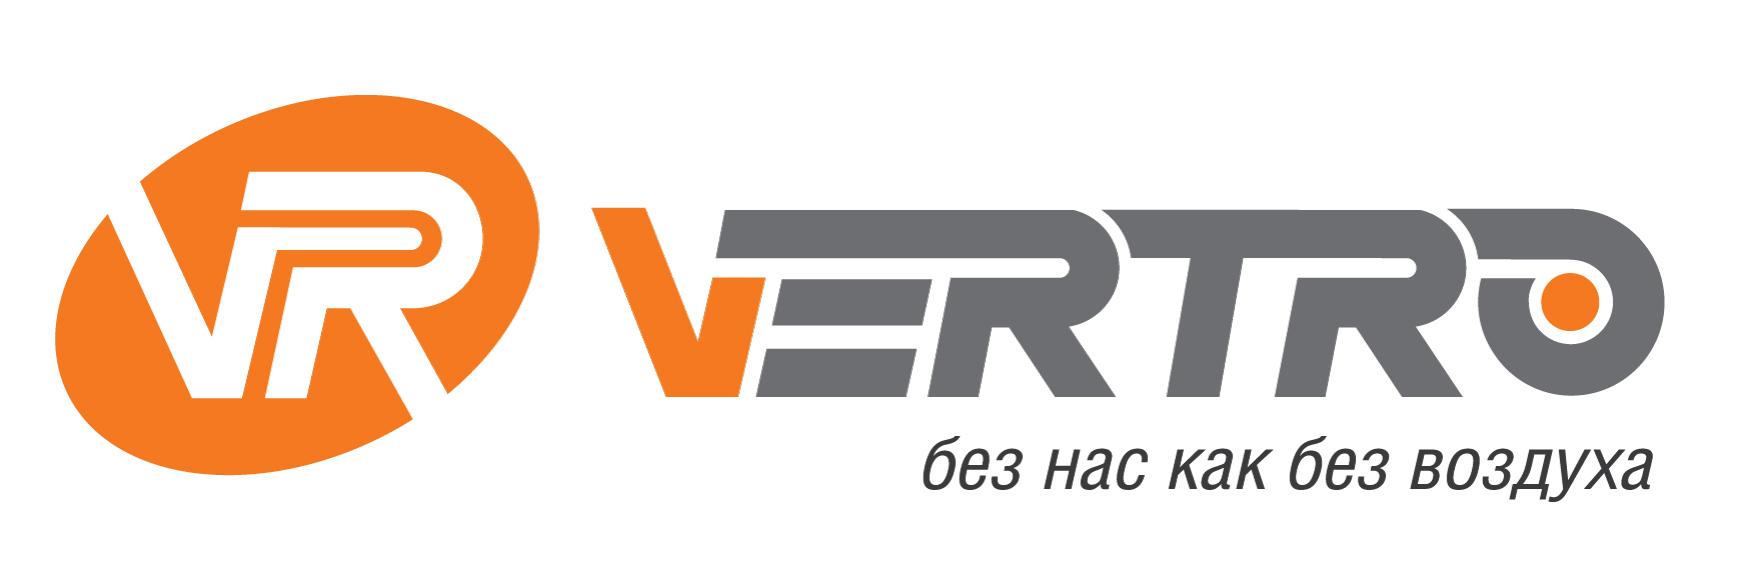 Логотип Вертро